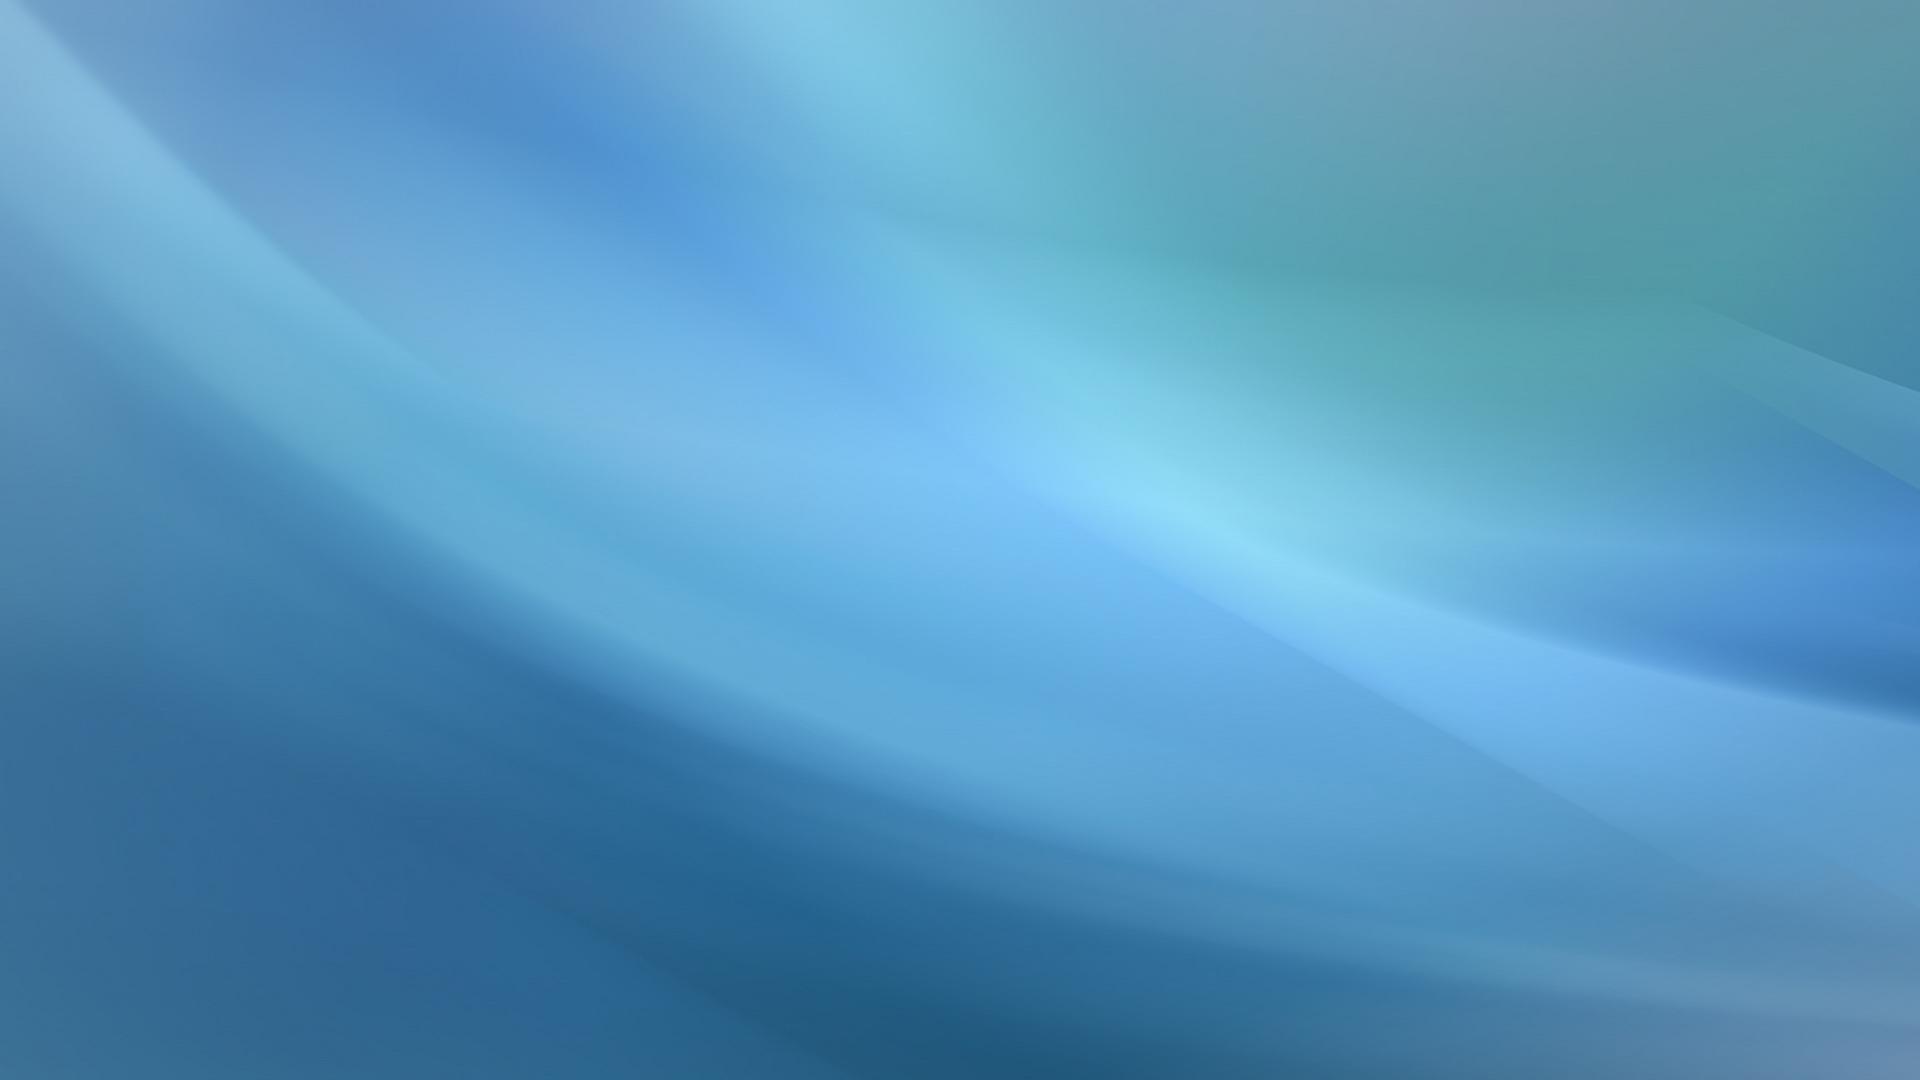 Light Blue Computer Wallpapers Desktop Backgrounds 1920x1080 ID 1920x1080